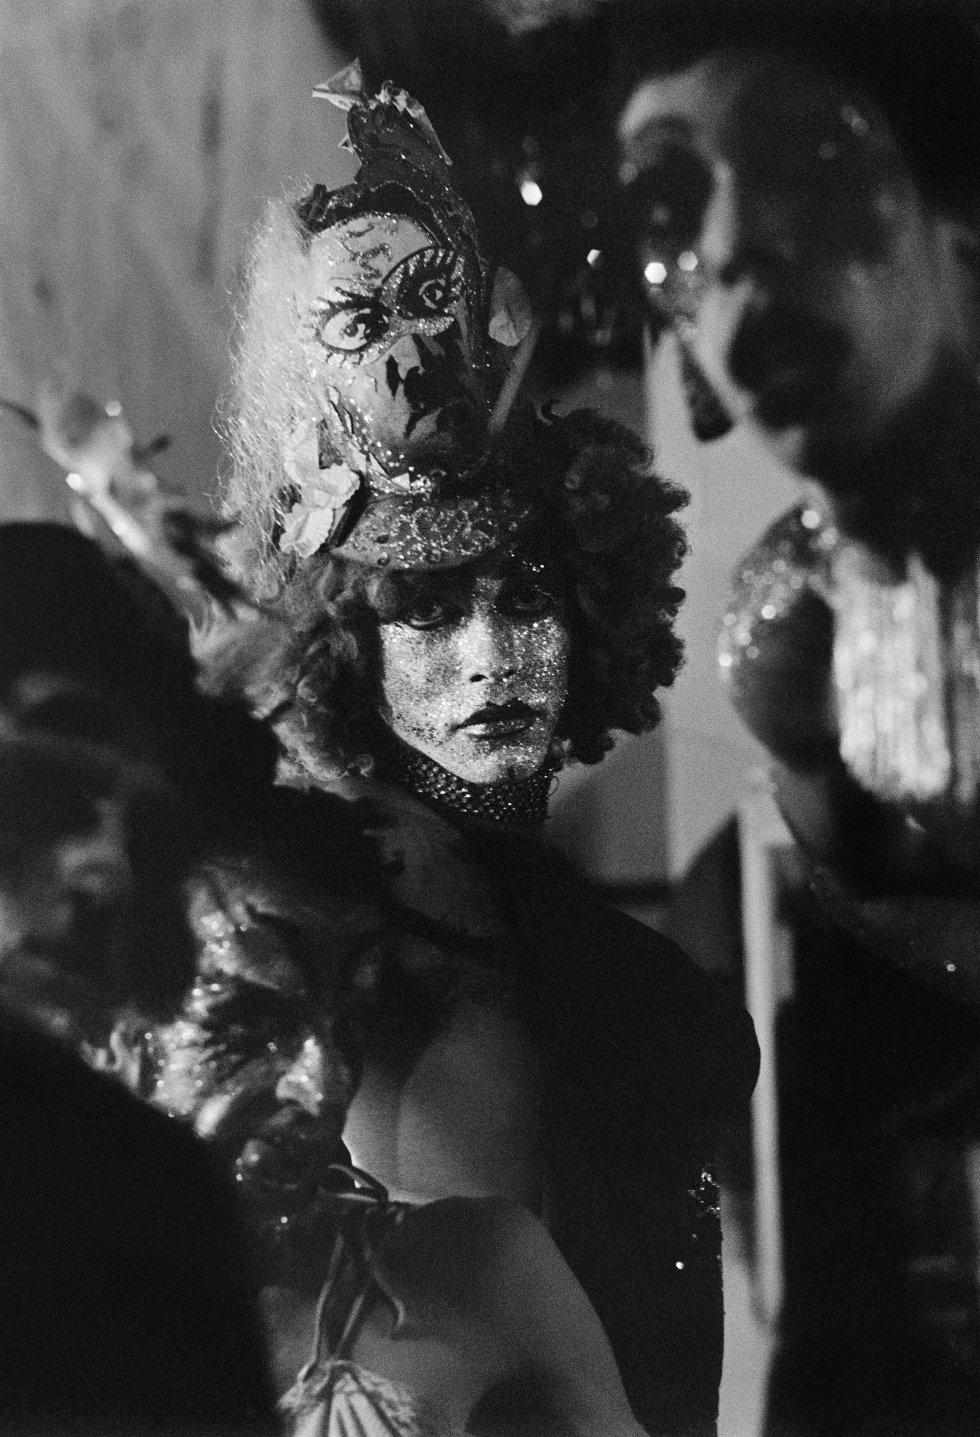 Uno de los 112 retratos realizados por la fotógrafa, la mayoría en blanco y negro, en los que explora la iluminación y el contraste. En su época fue calificada en Brasil como la primera dama del retrato.